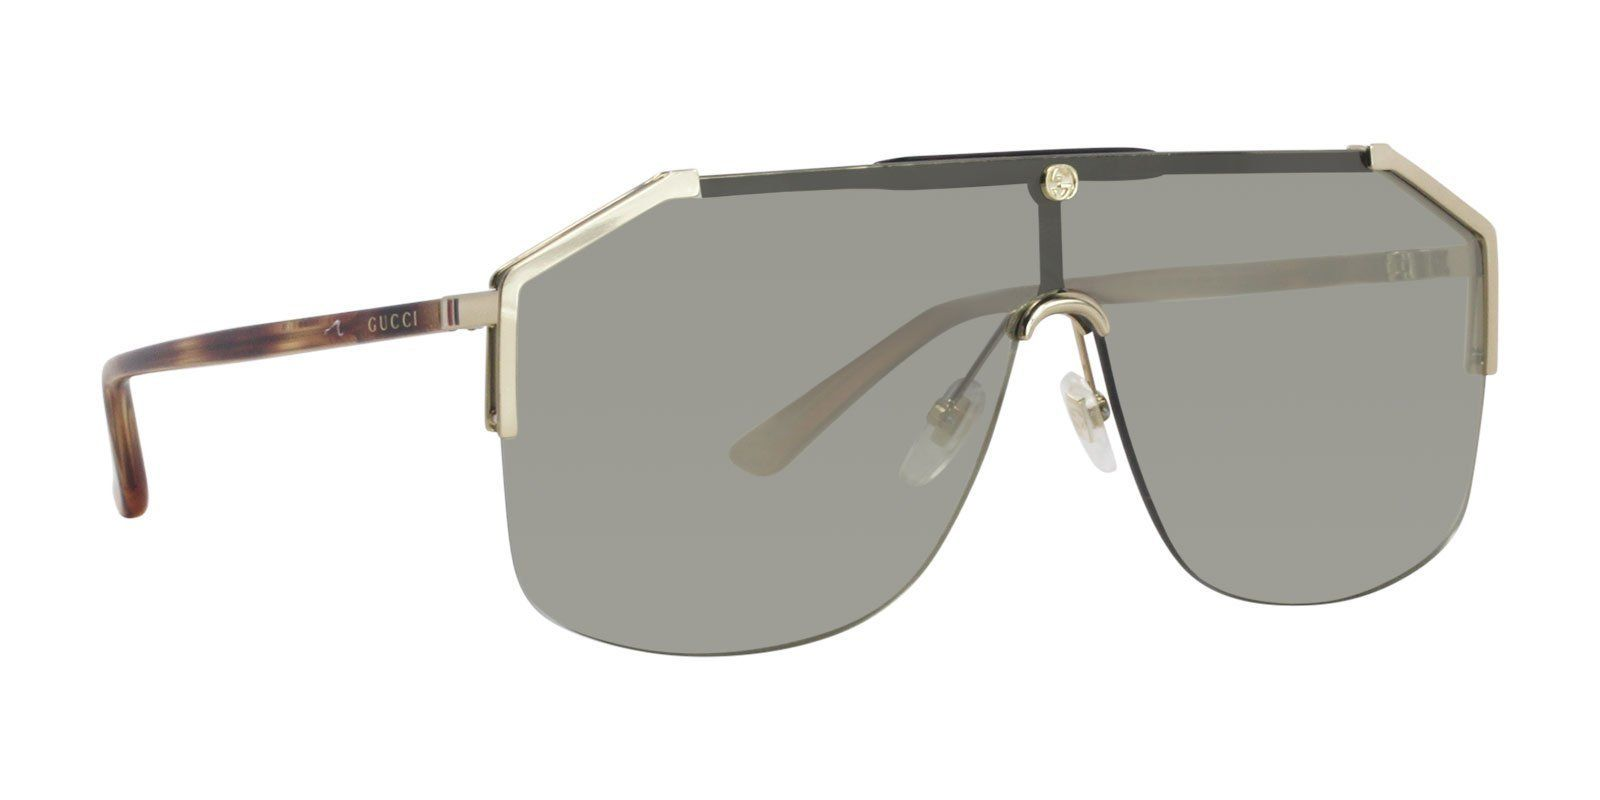 ea32e7afc05 Gucci - GG0291S 005-sunglasses-Designer Eyes